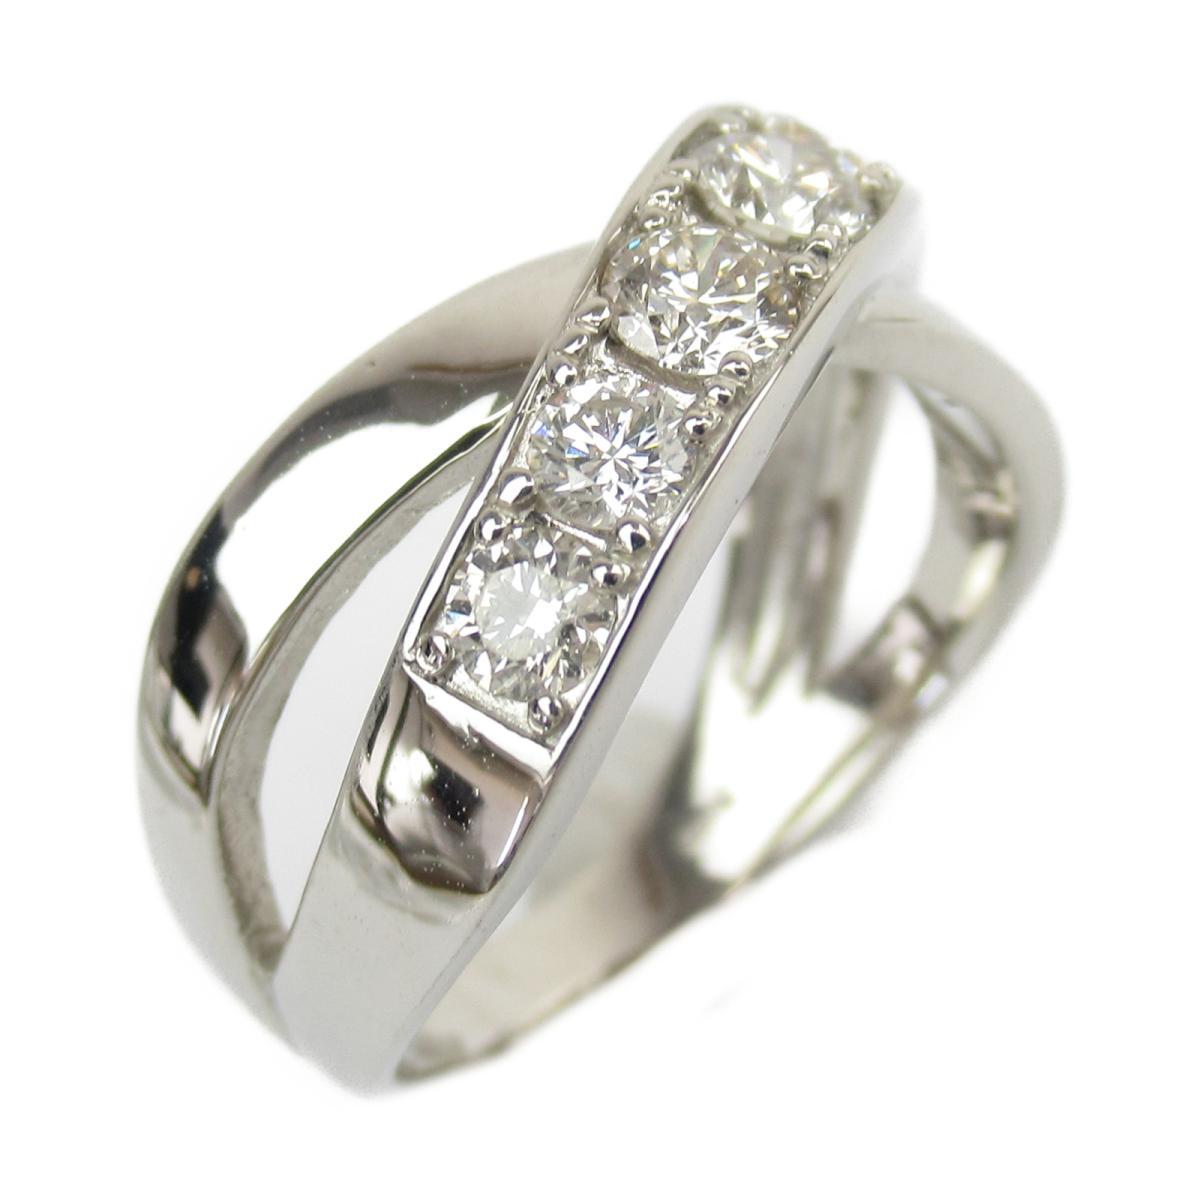 ジュエリー ダイヤモンド リング 指輪 ノーブランドジュエリー レディース PT950 プラチナ x ダイヤモンド0.80ct 【中古】 | JEWELRY BRANDOFF ブランドオフ アクセサリー